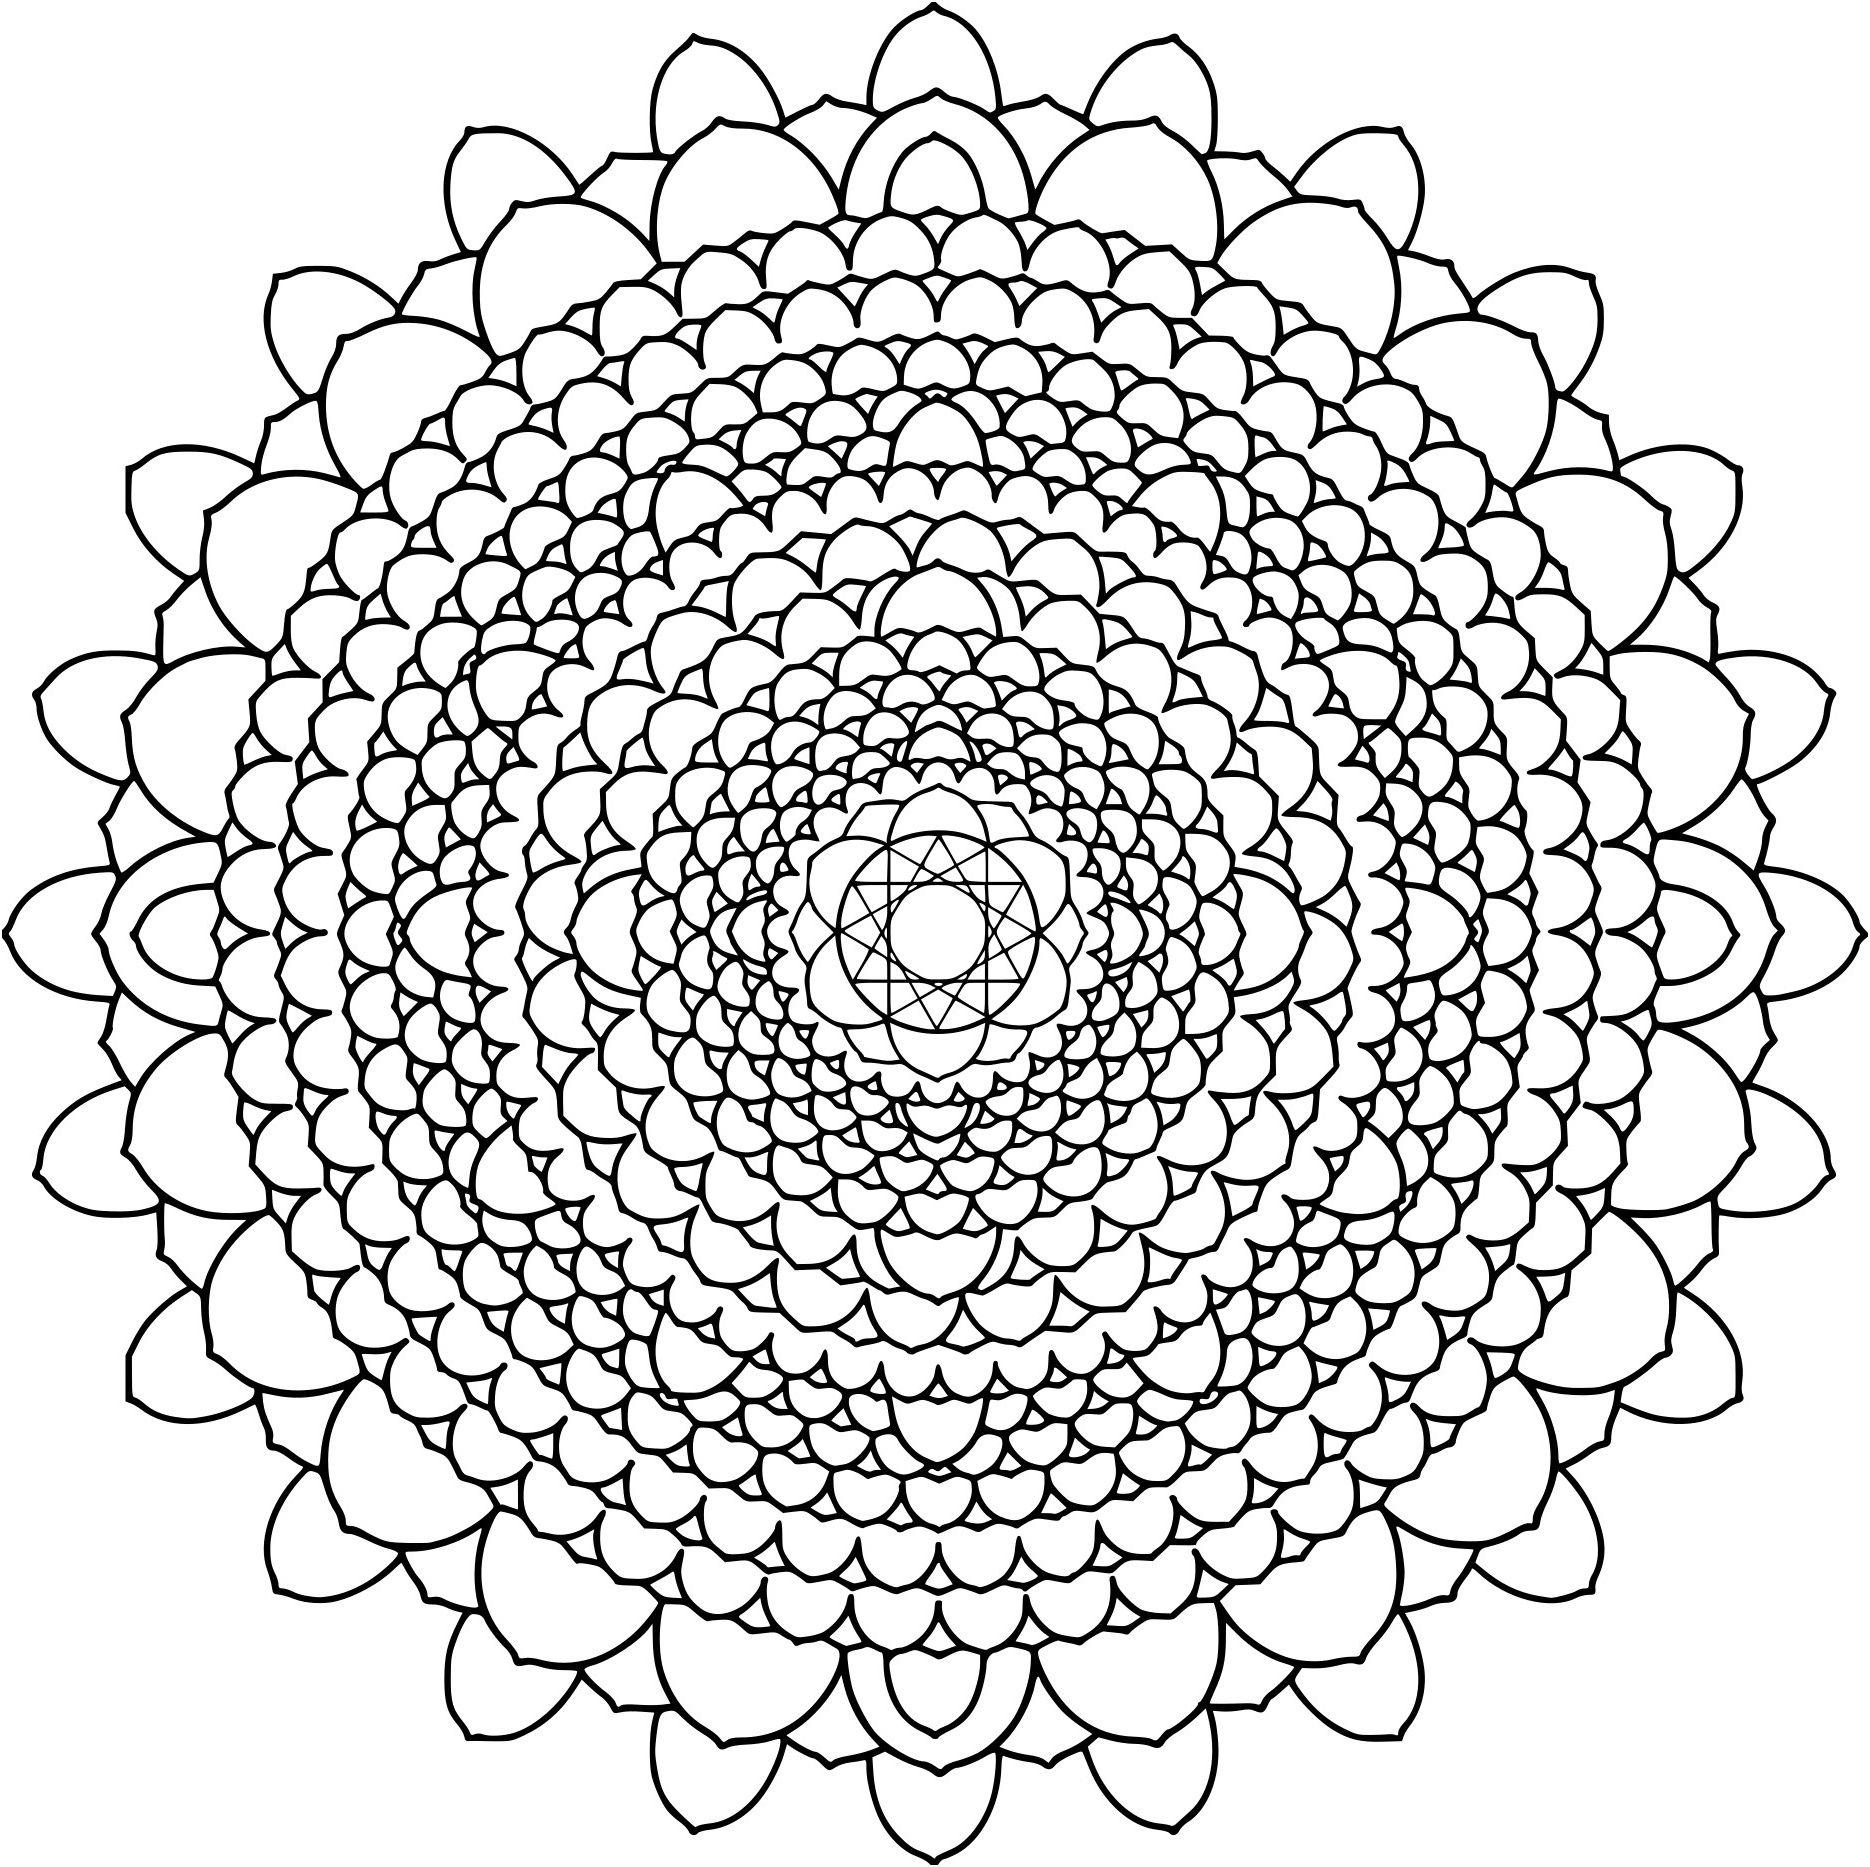 Coloriage De Mandala Difficile . 8 Qualifié Coloriage De tout Jeux De Coloriage De Rosace